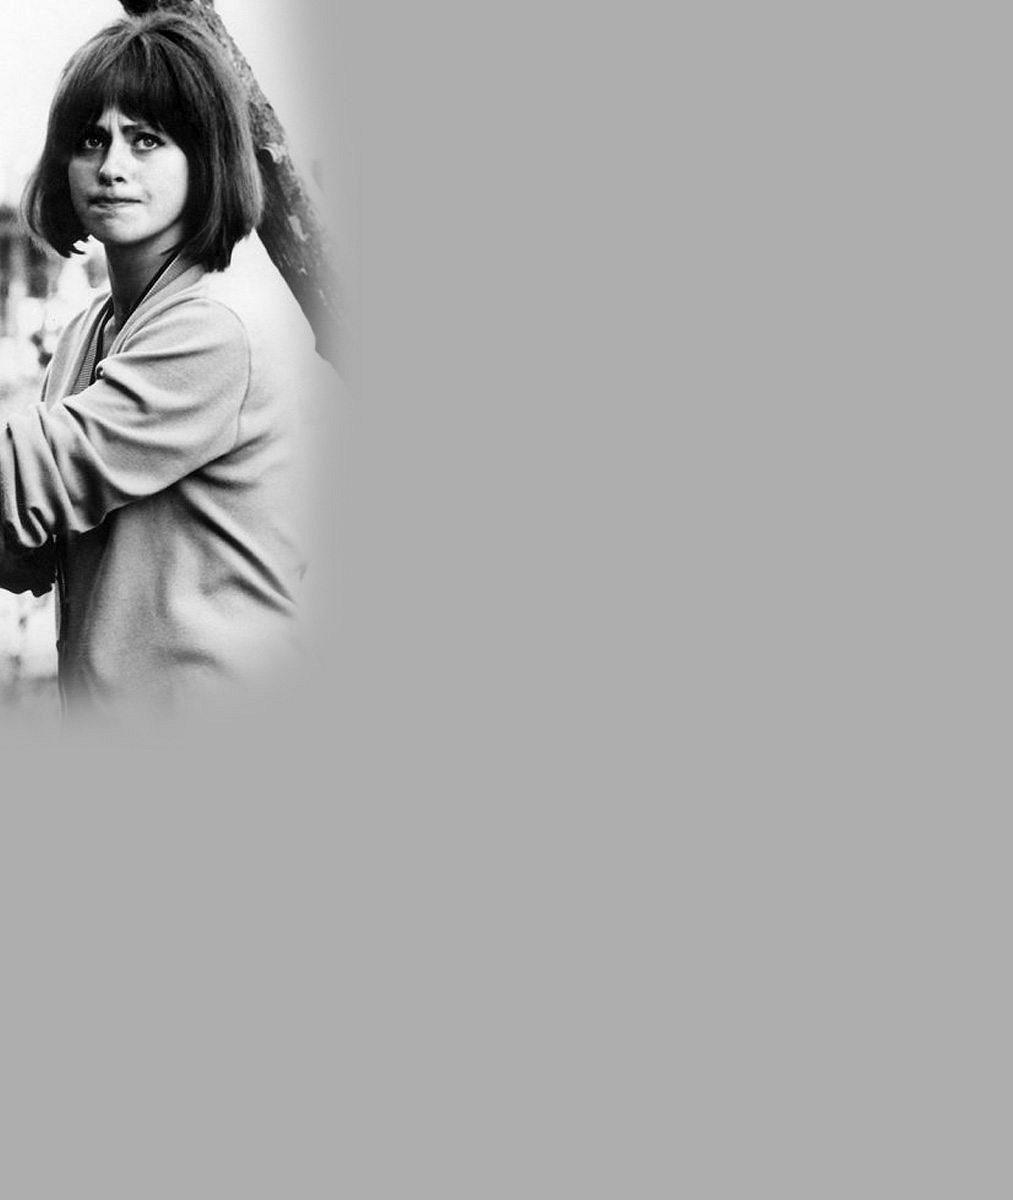 Dvě fotky, které dělí 50 let: Takhle dnes vypadá někdejší múza Miloše Formana a hvězda České nové vlny